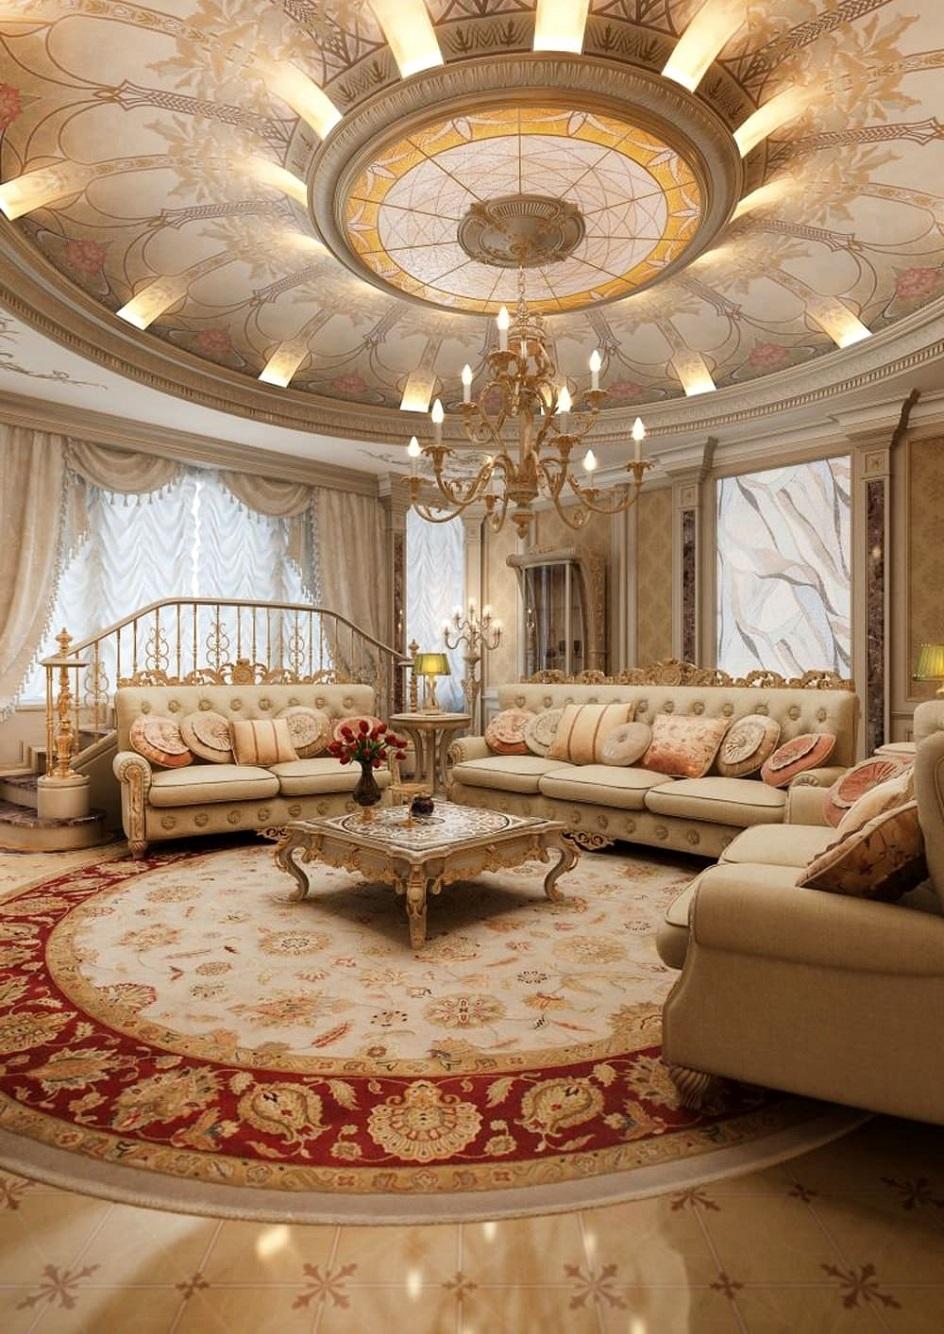 Барокко в интерьере. Гостиная со светлой мебелью в стиле барокко